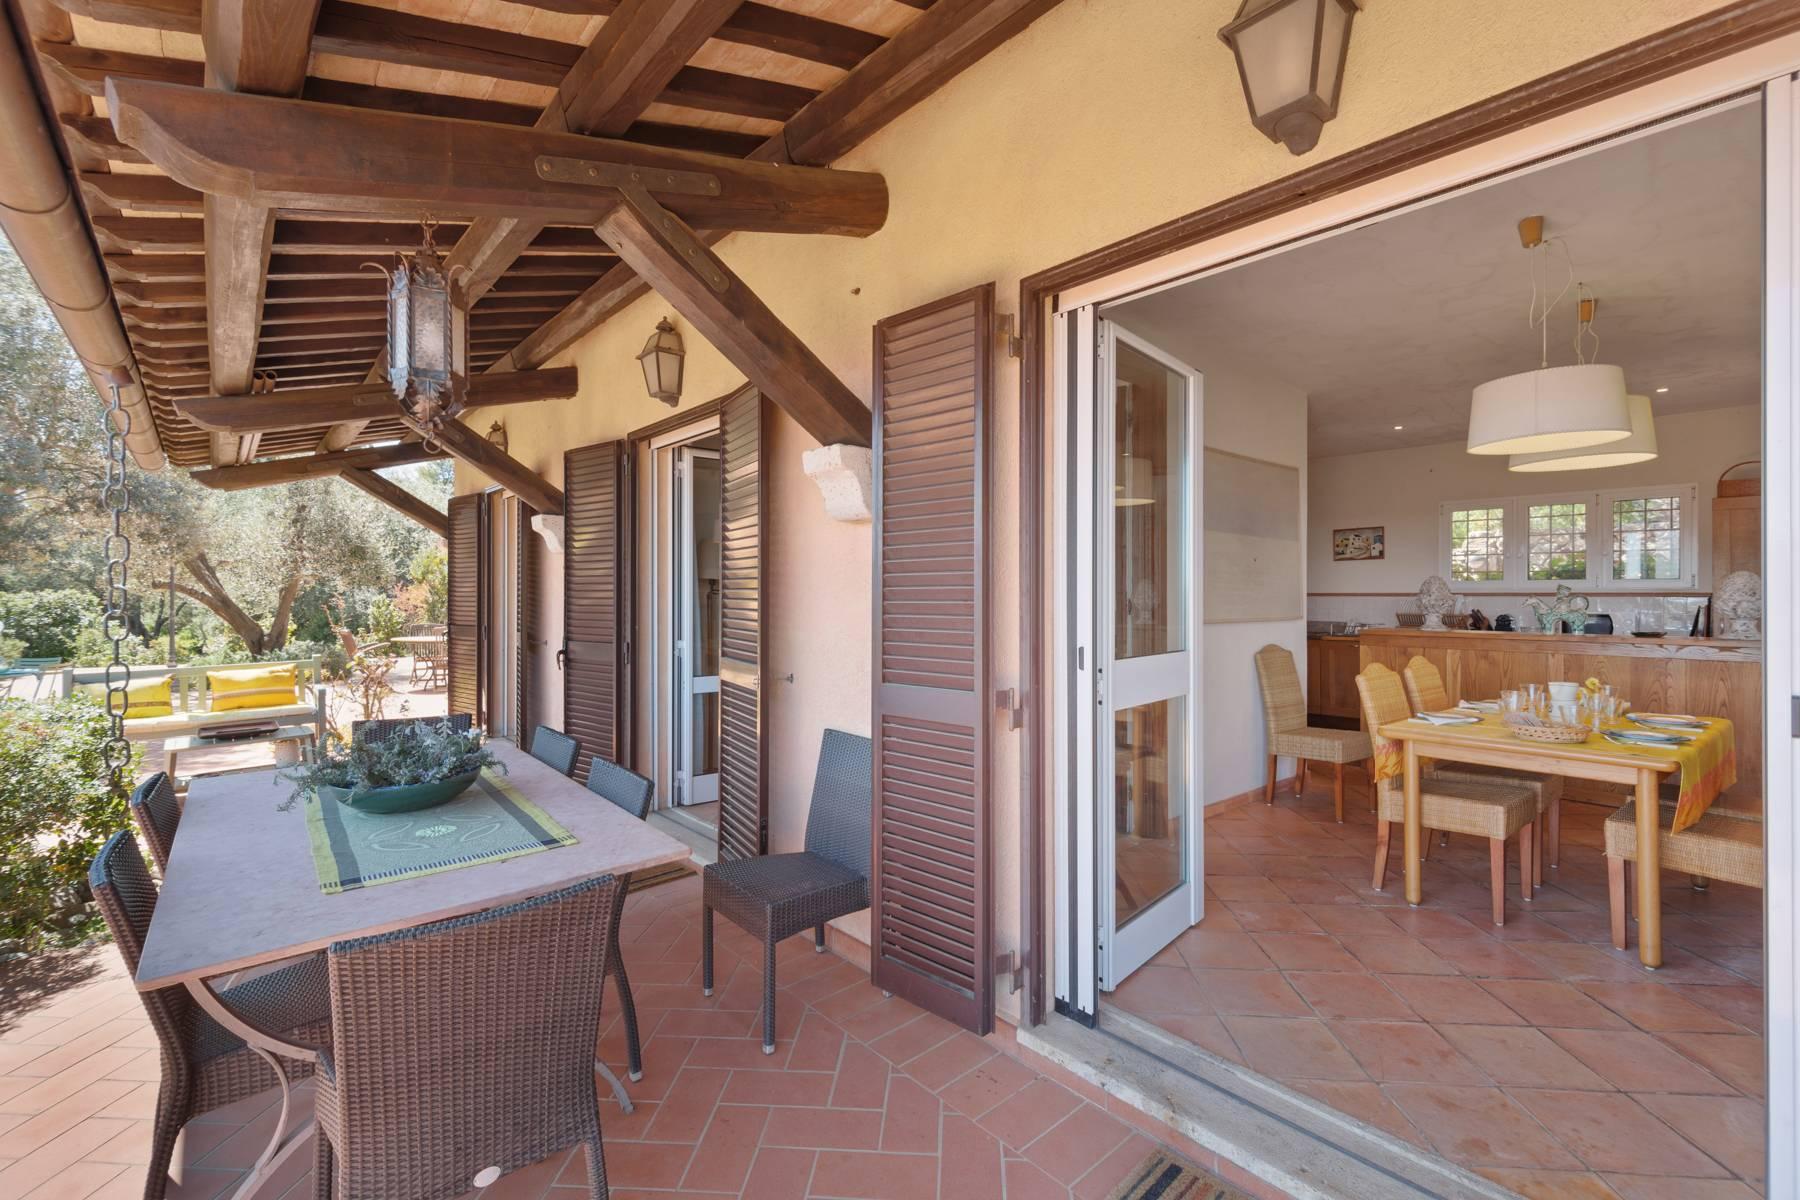 Villa in Vendita a Monte Argentario: 5 locali, 124 mq - Foto 5